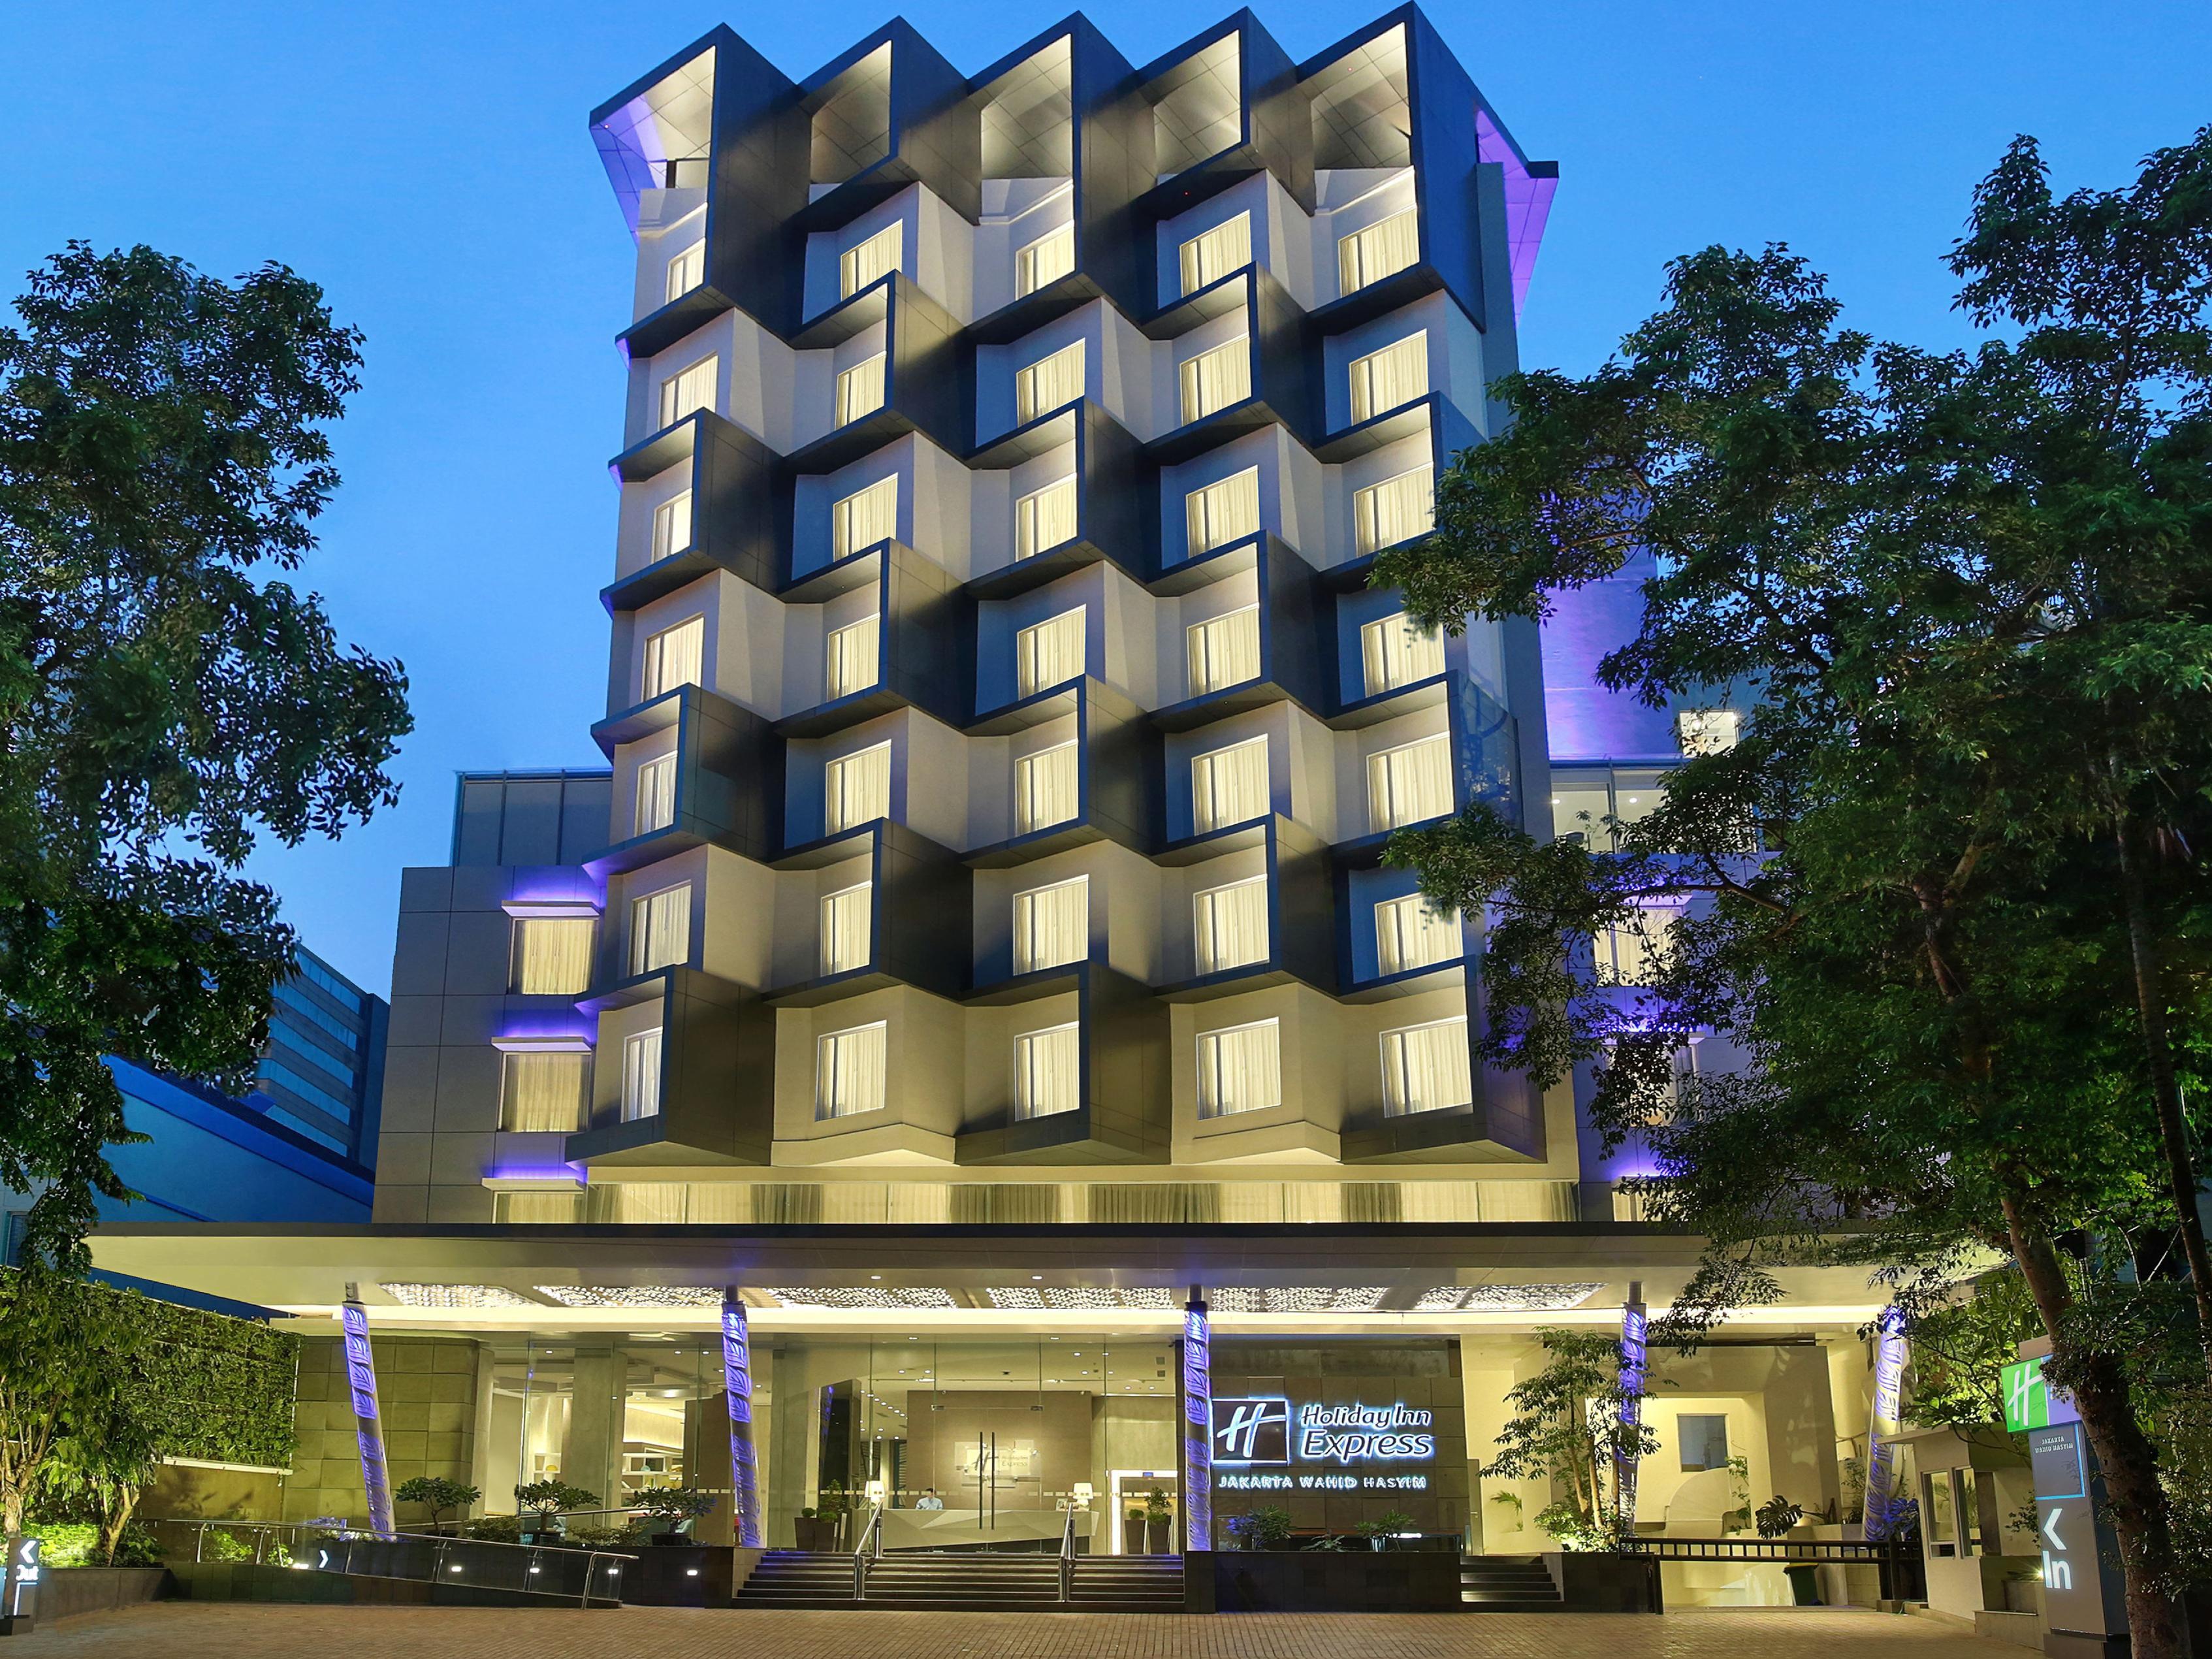 holiday inn express jakarta wahid hasyim hotel by ihg rh ihg com